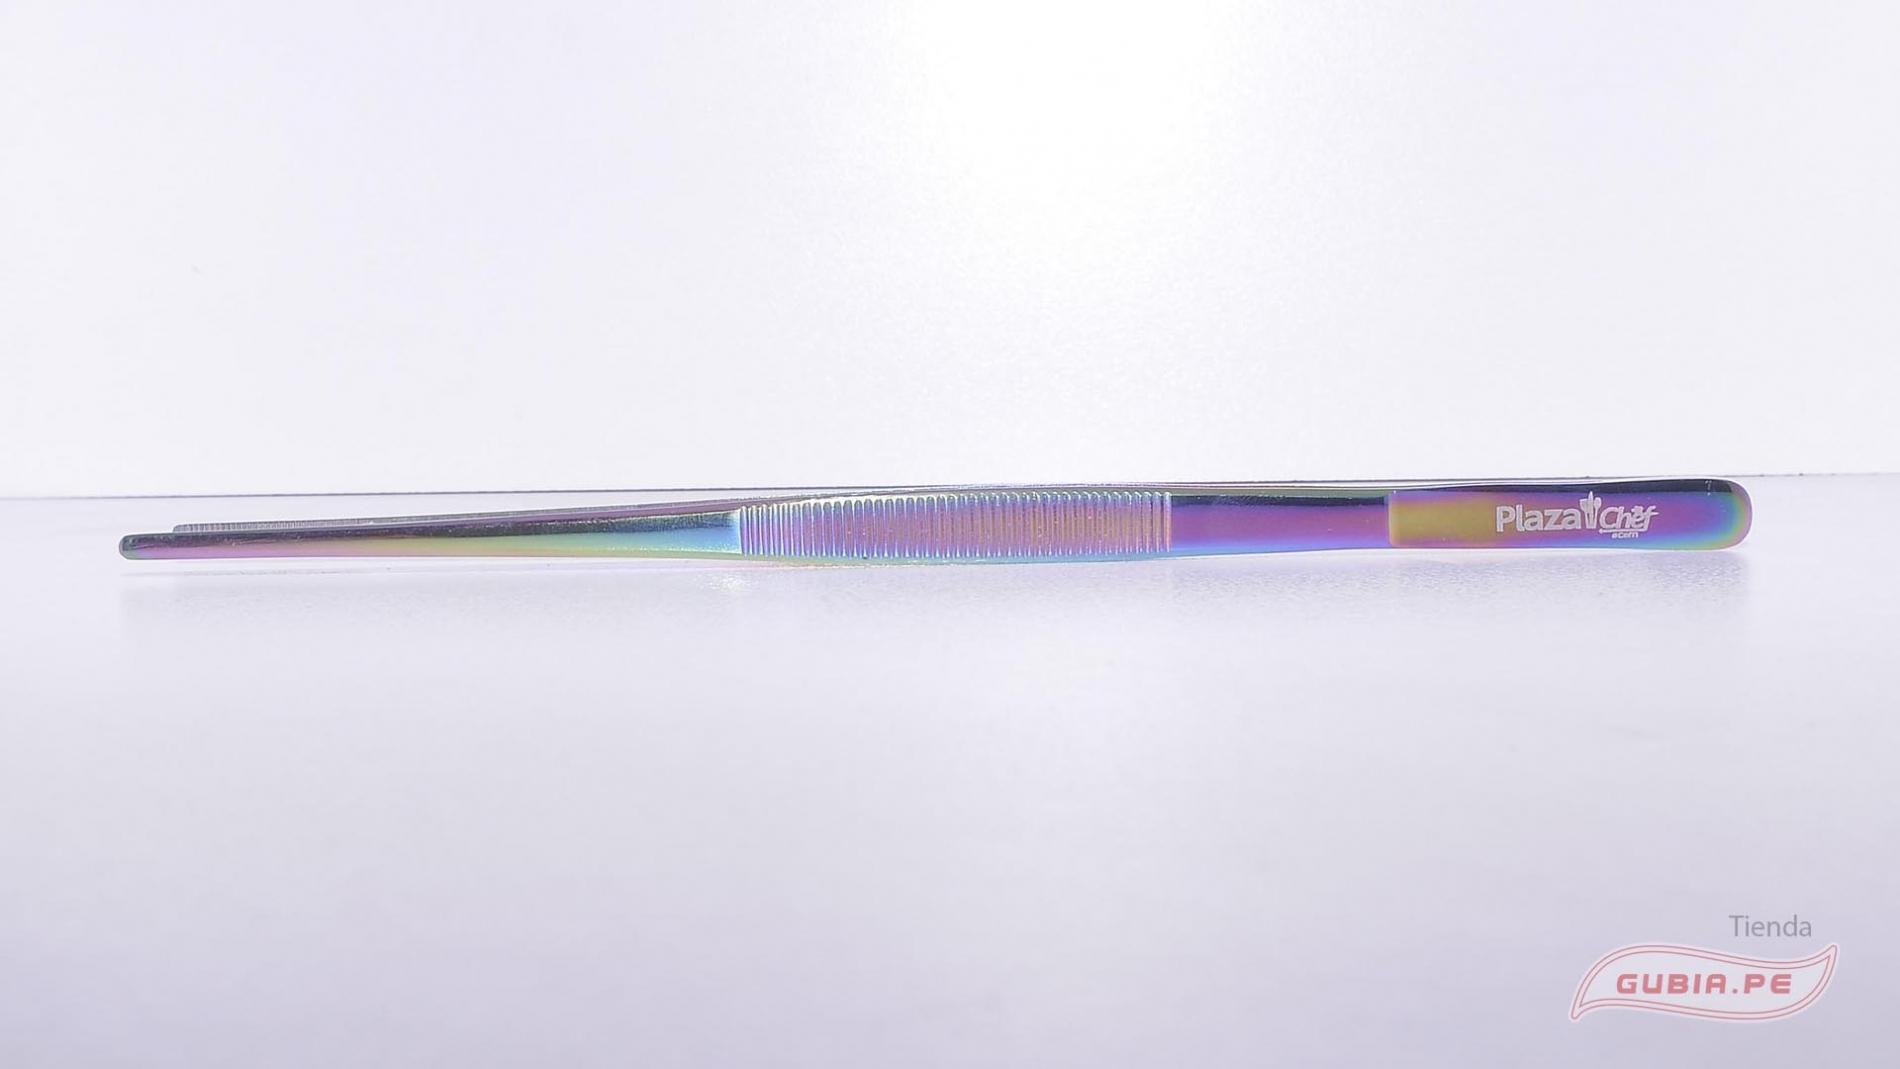 GUB0075-Pinza 20cm de colores recta para emplatado GUB0075-max-7.